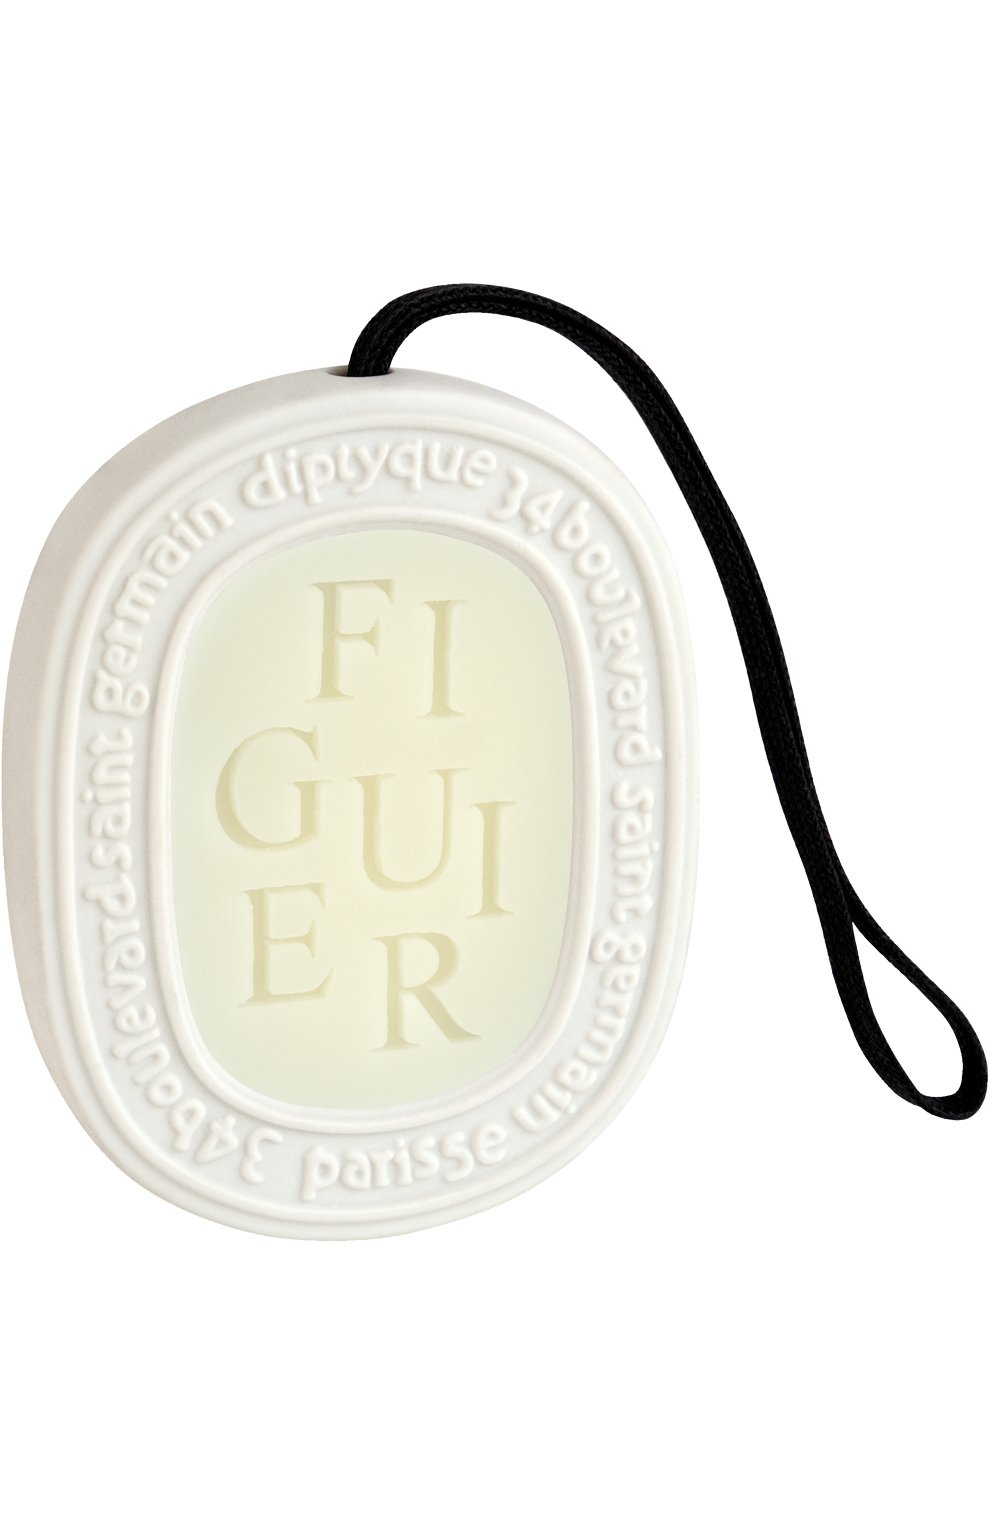 Овал для ароматизации помещений Figuier | Фото №1